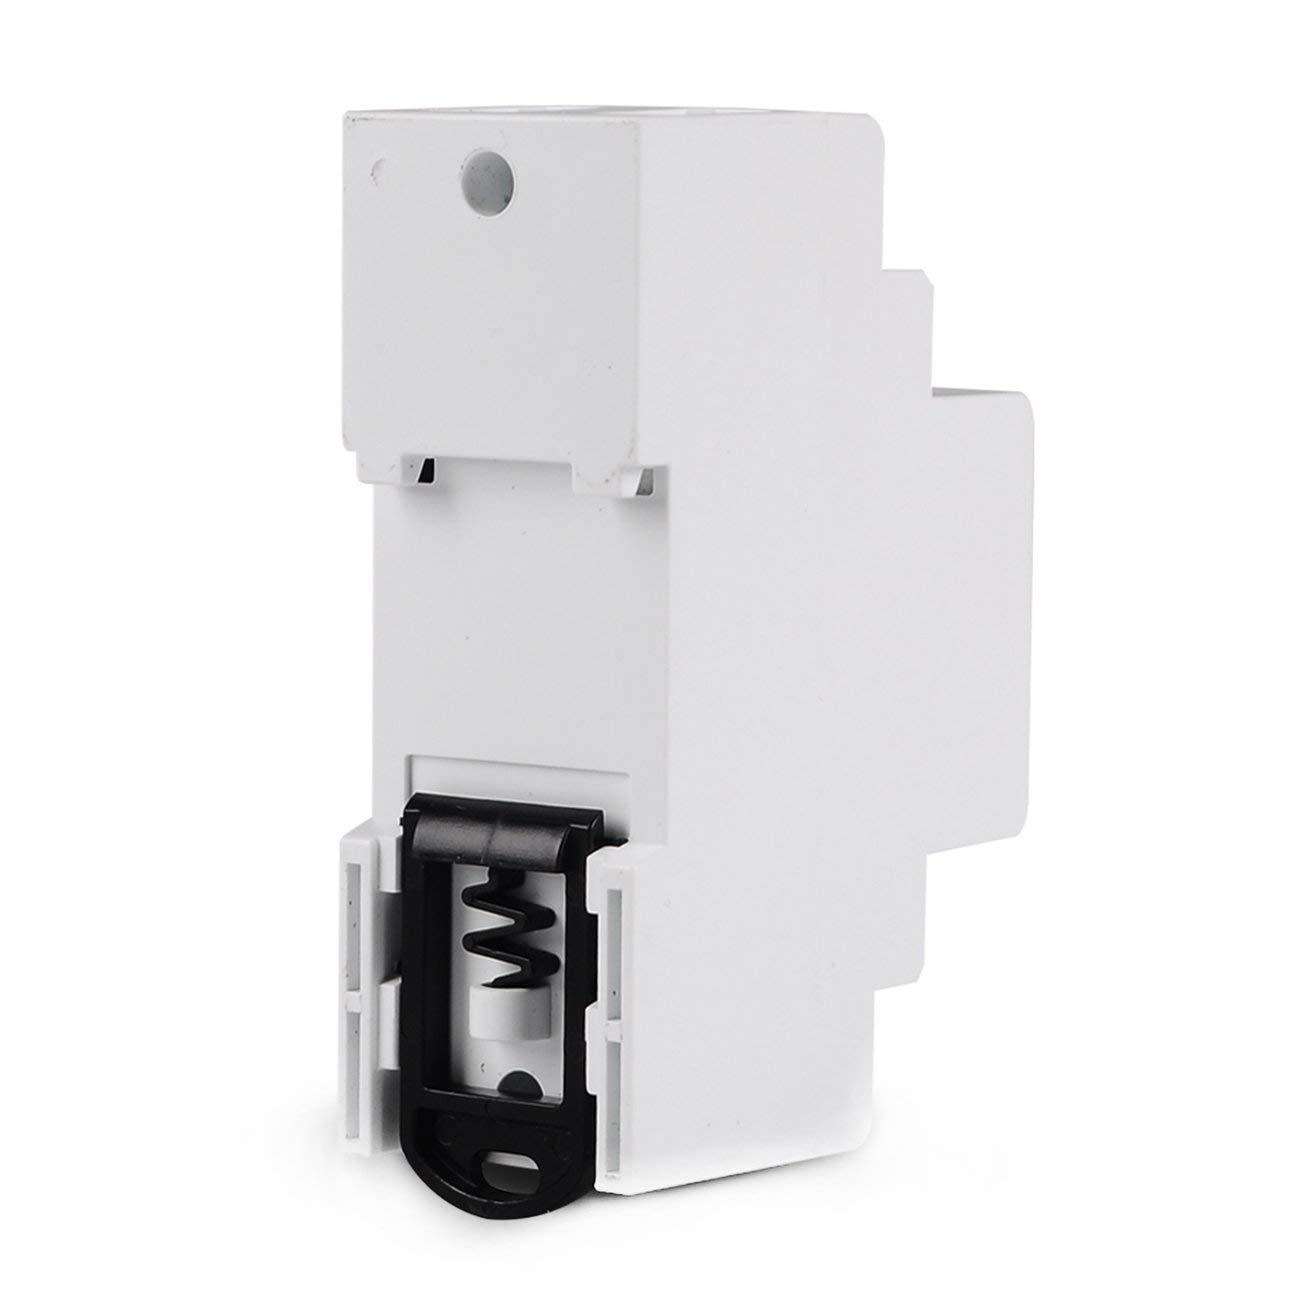 Blanco SINOTIMER 63A 80A Carril DIN Dispositivo de protecci/ón contra sobretensi/ón ajustable L/ímite de corriente Protecci/ón Volt/ímetro Amper/ímetro Kwh JIO-S